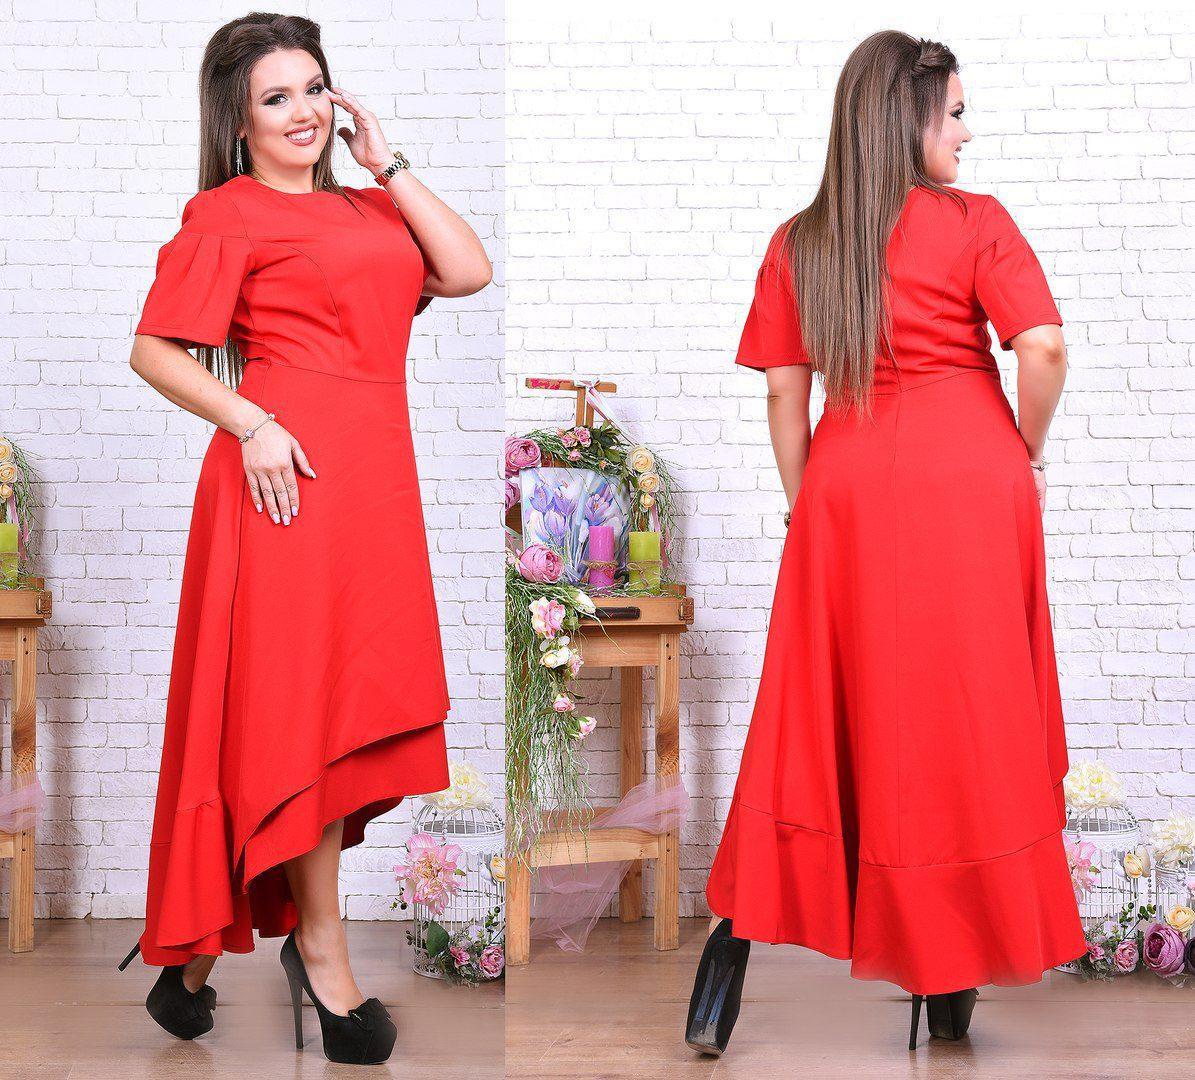 Длинное платье на праздник 46-48, 50-52, 54-56, 58-60